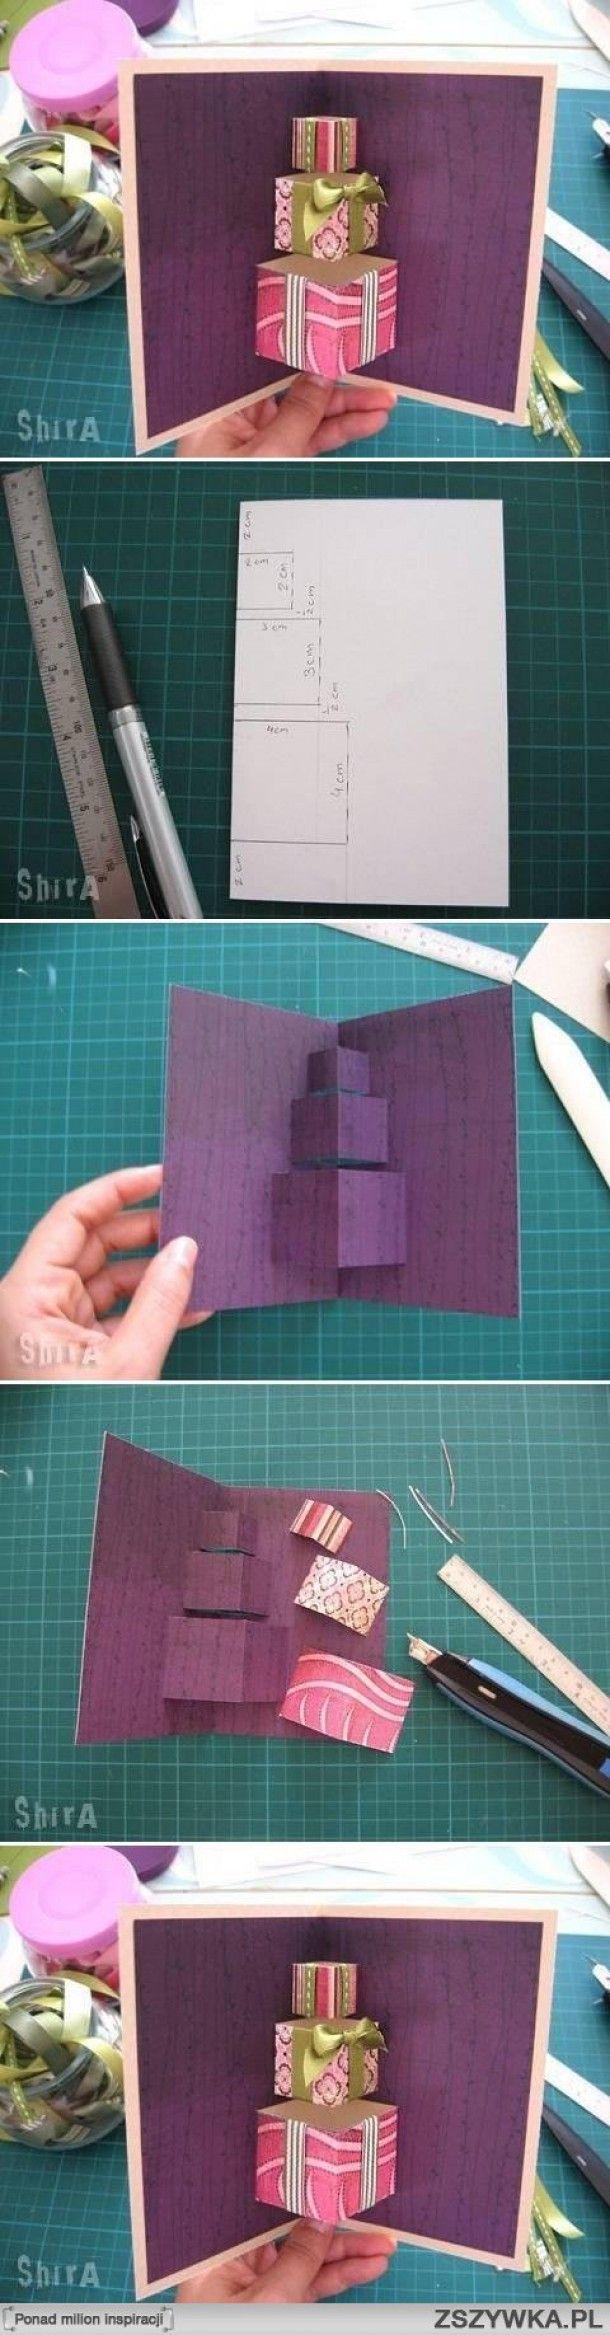 Leuk-idee-om-zelf-een-pop-up-wenskaart-te-maken.1376769780-van-Lime.jpeg 610×2335 pixels